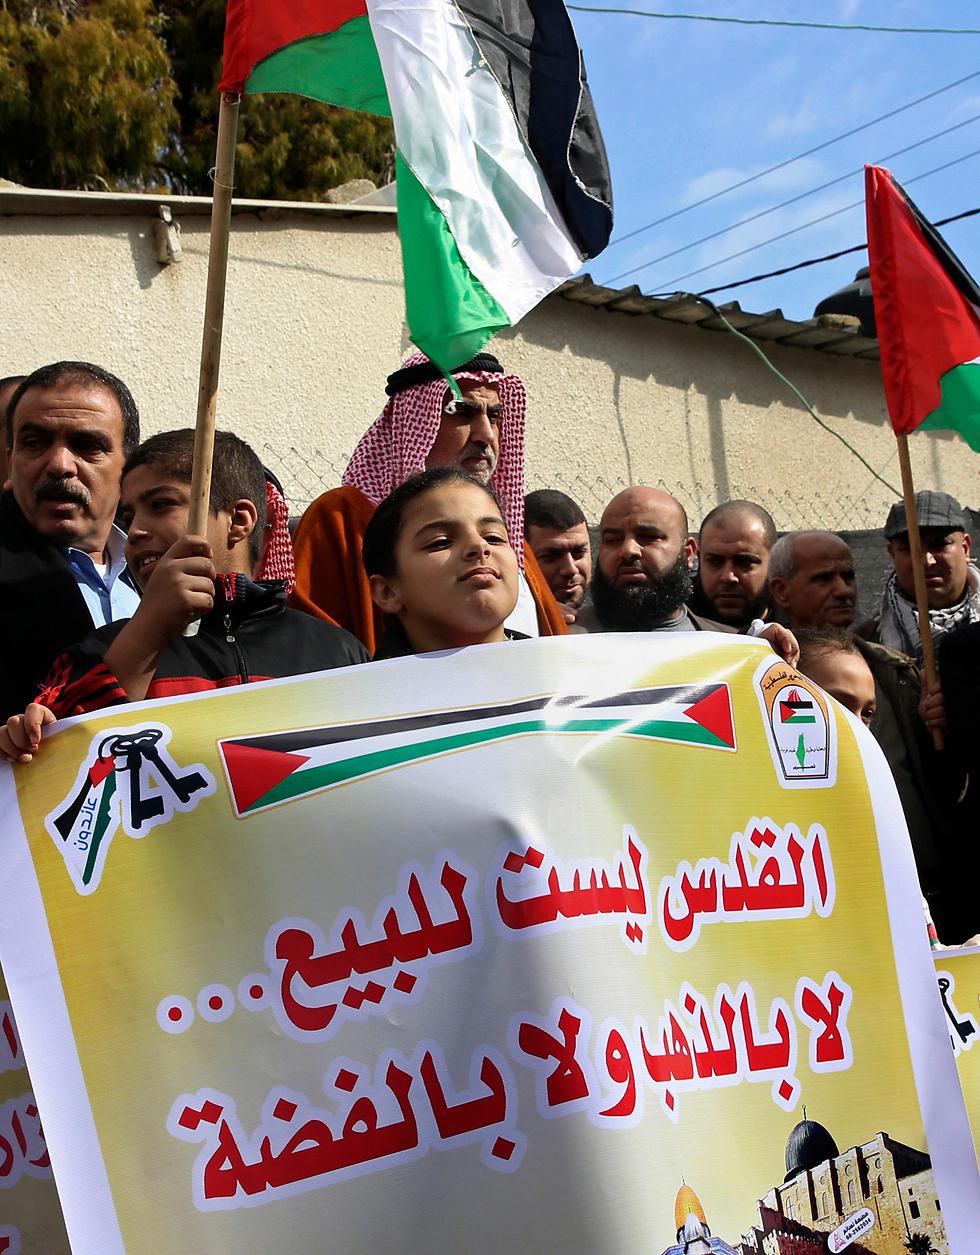 Демонстрация против решения Трампа о сокращении финансирования UNRWA. Фото: AP